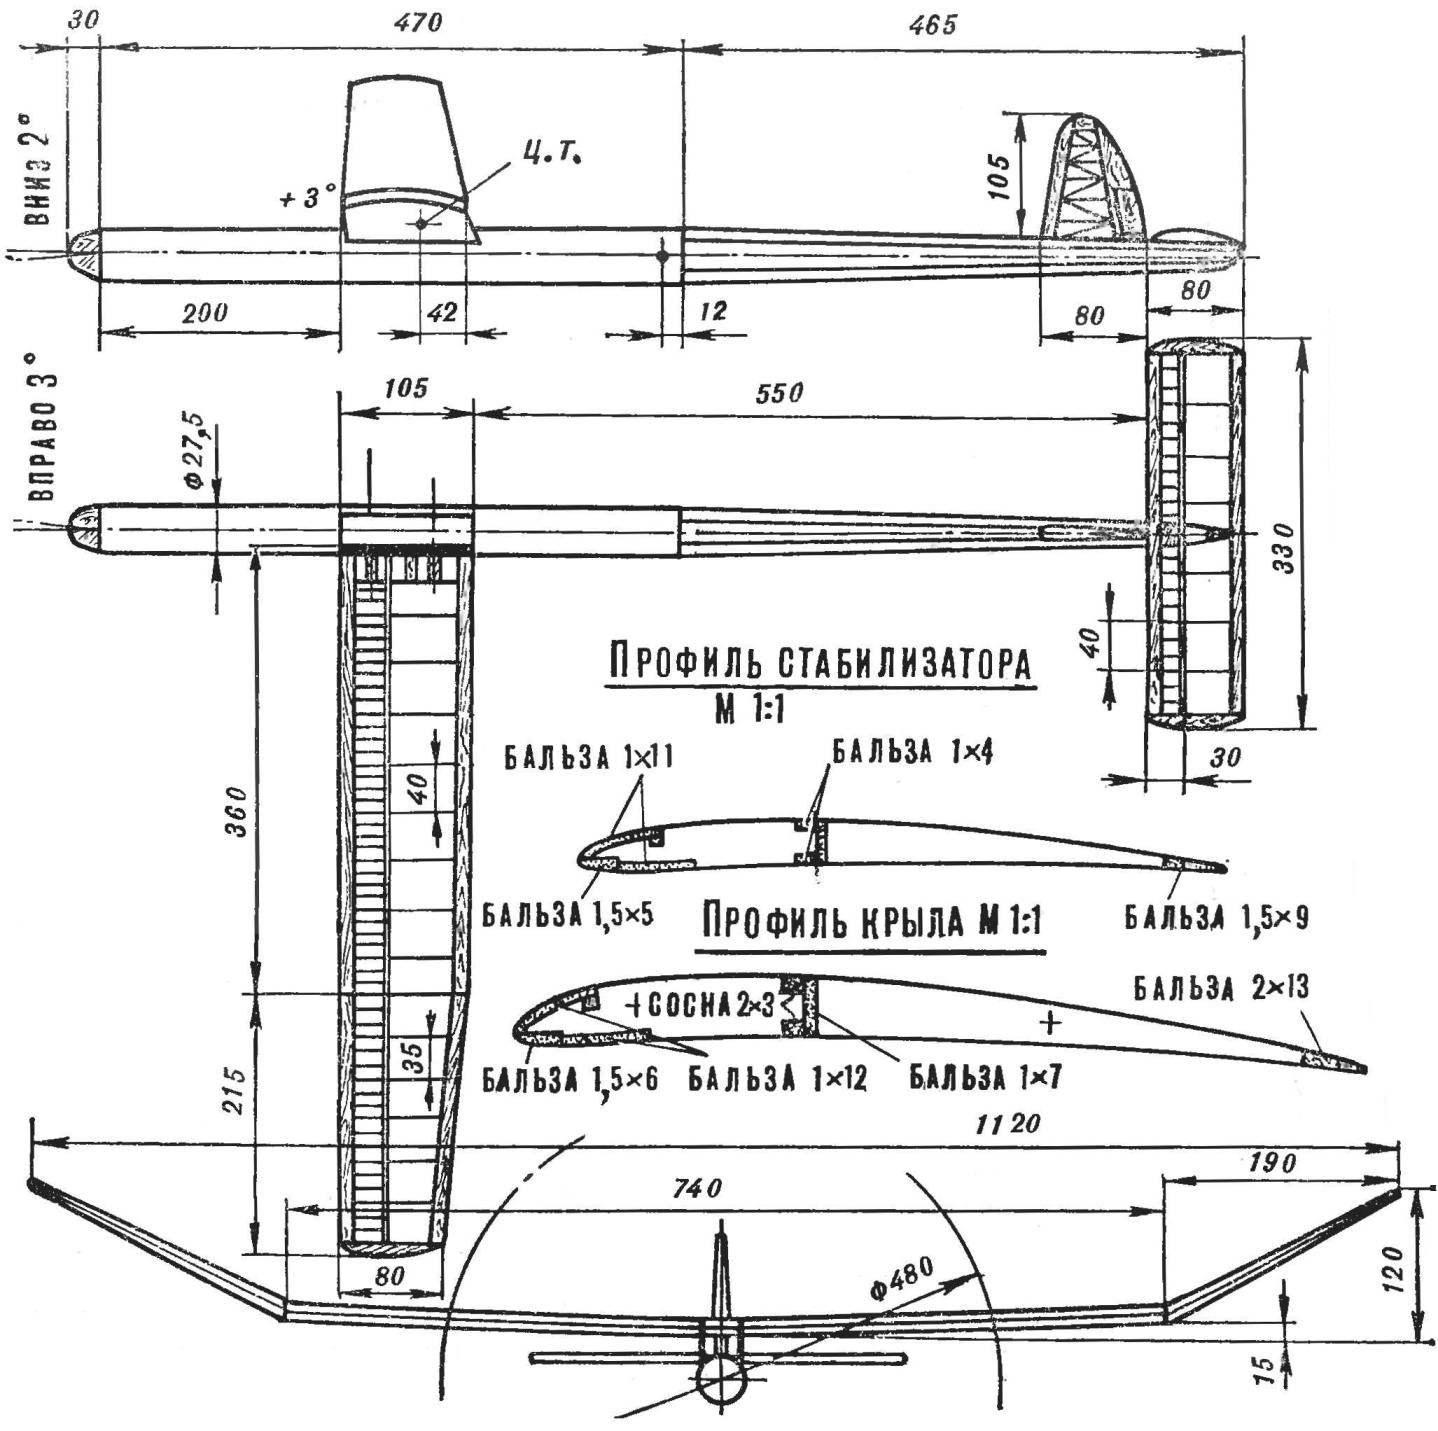 Рис. 1. Модель самолета класса В-1.